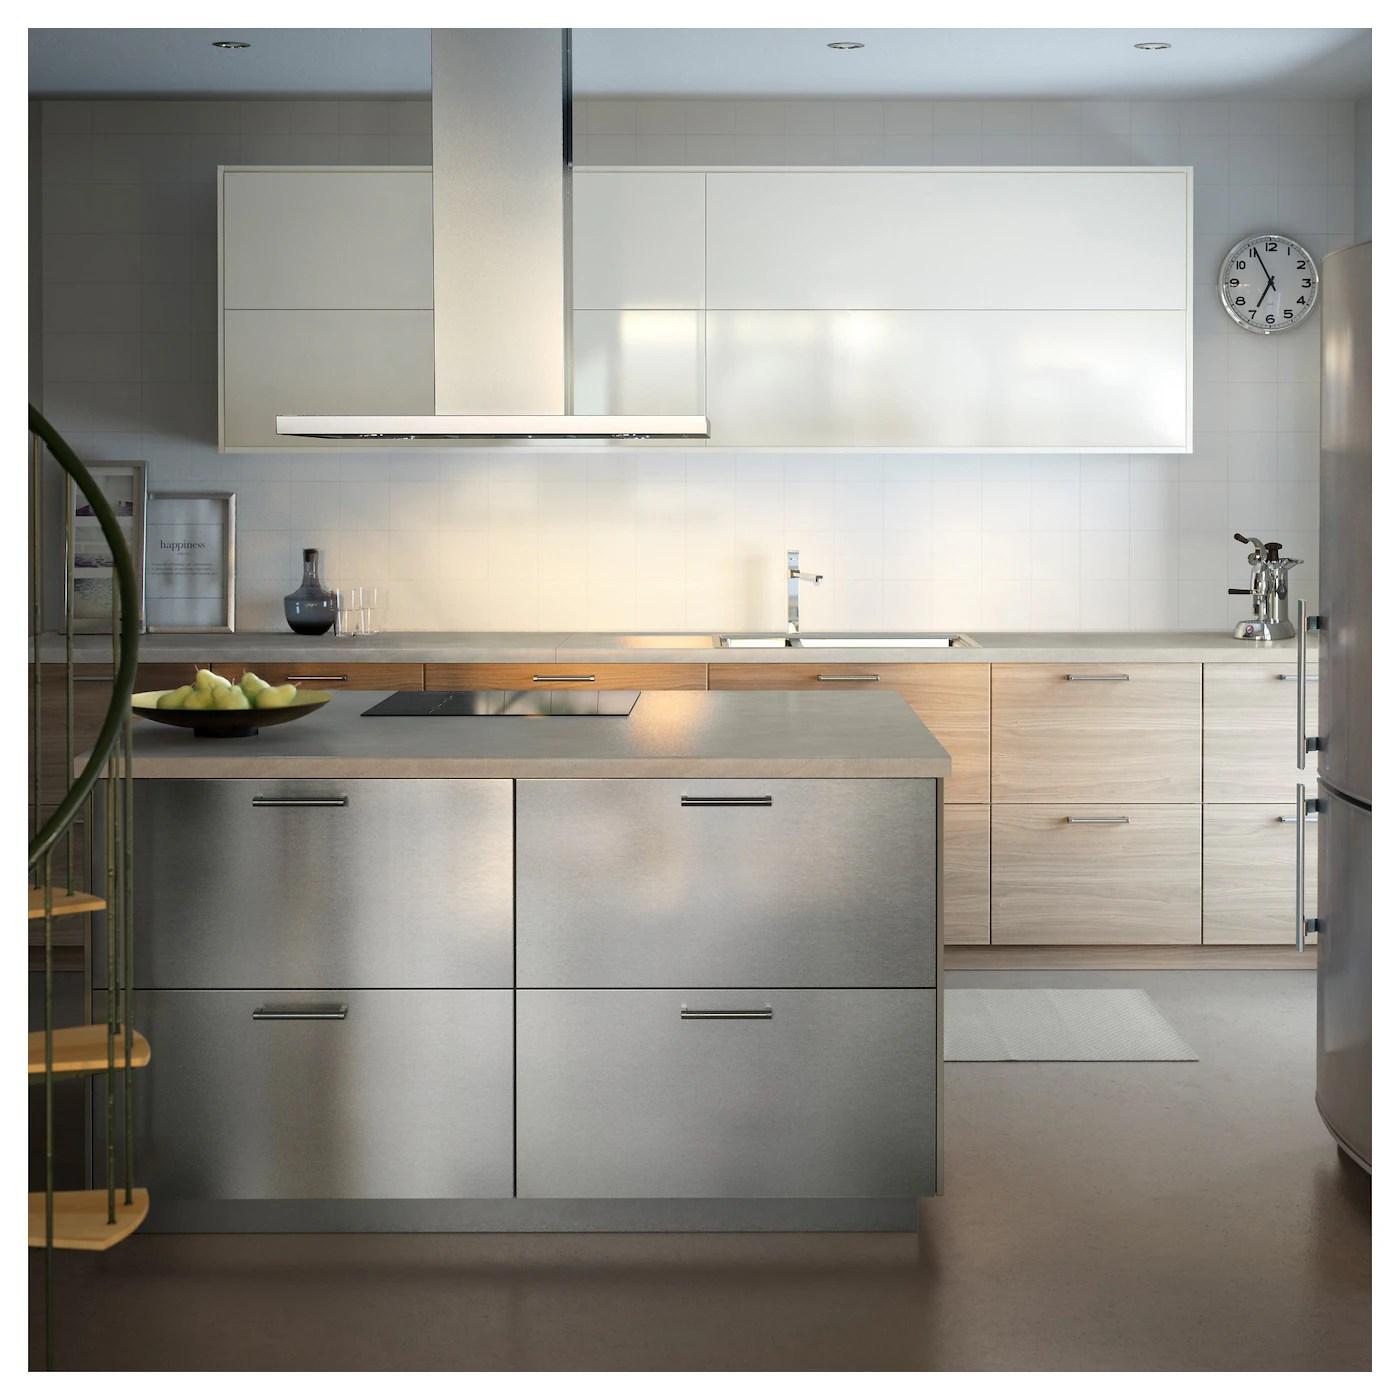 Ikea.de Küchenplaner Login | Massivholzbetten Von Voglauer Für Ihren ...